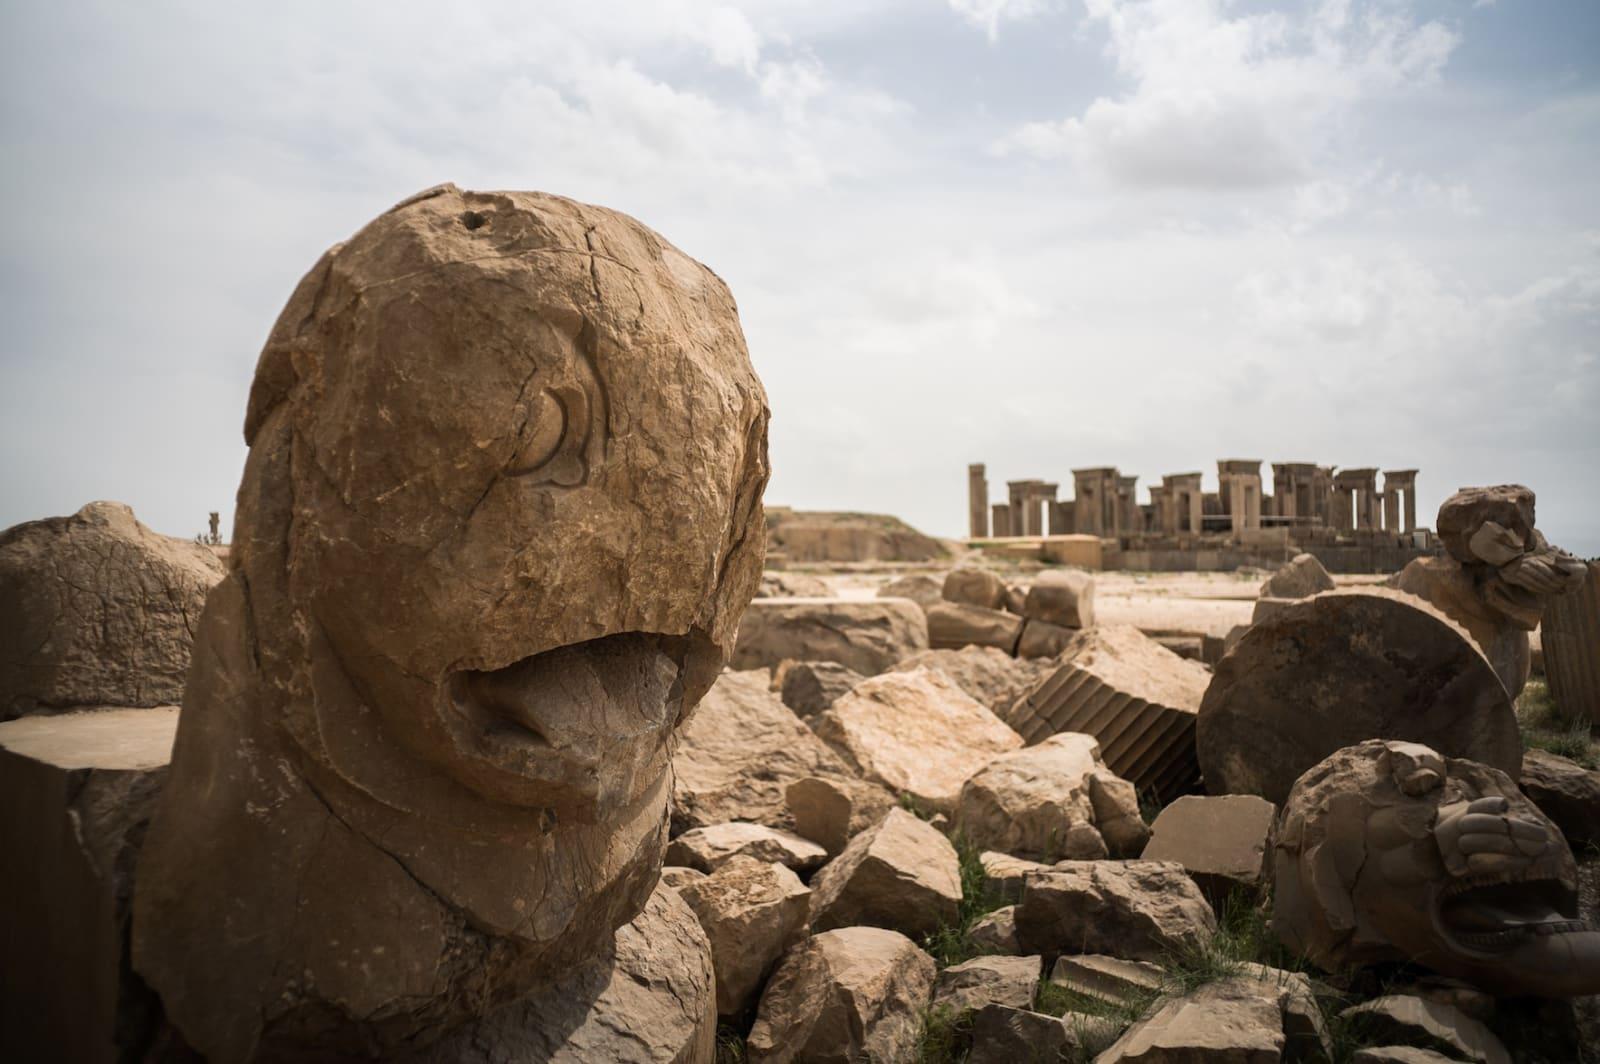 De gamle perserne satte stor pris på arkitektur og håndverk.